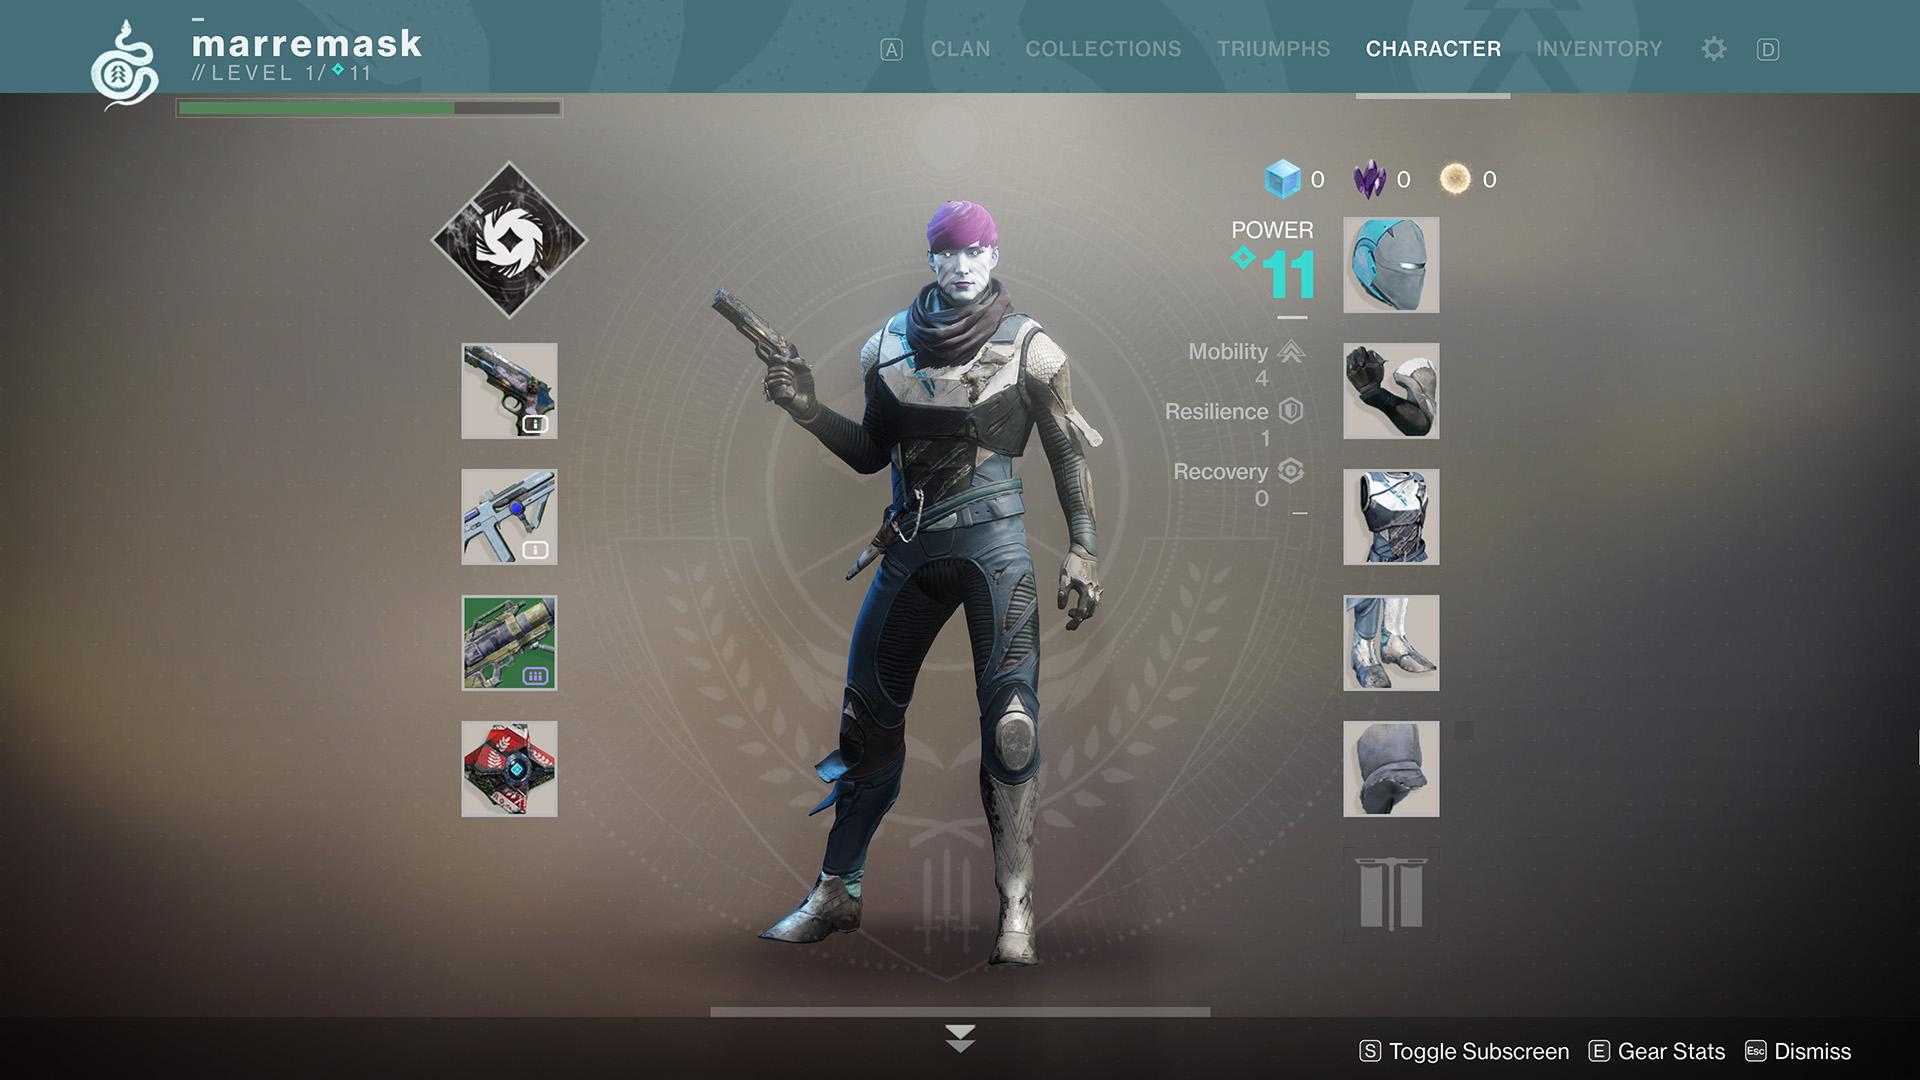 _0012_Destiny 2 Screenshot 2018.11.04 - 01.41.06.38.jpg